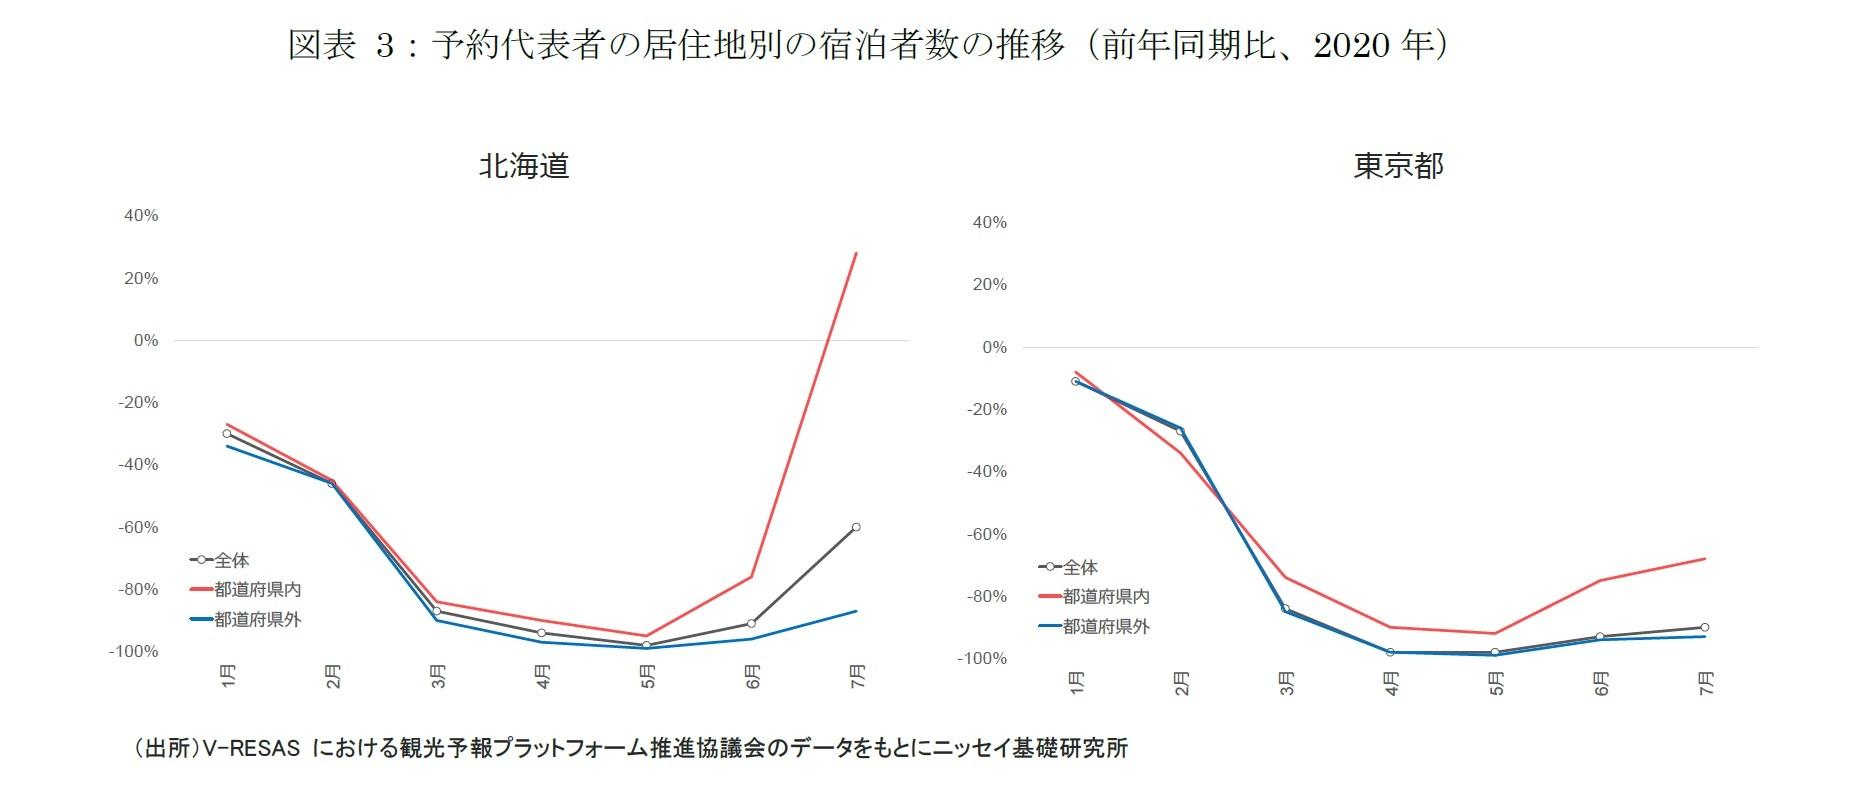 図表 3:予約代表者の居住地別の宿泊者数の推移(前年同期比、2020 年)